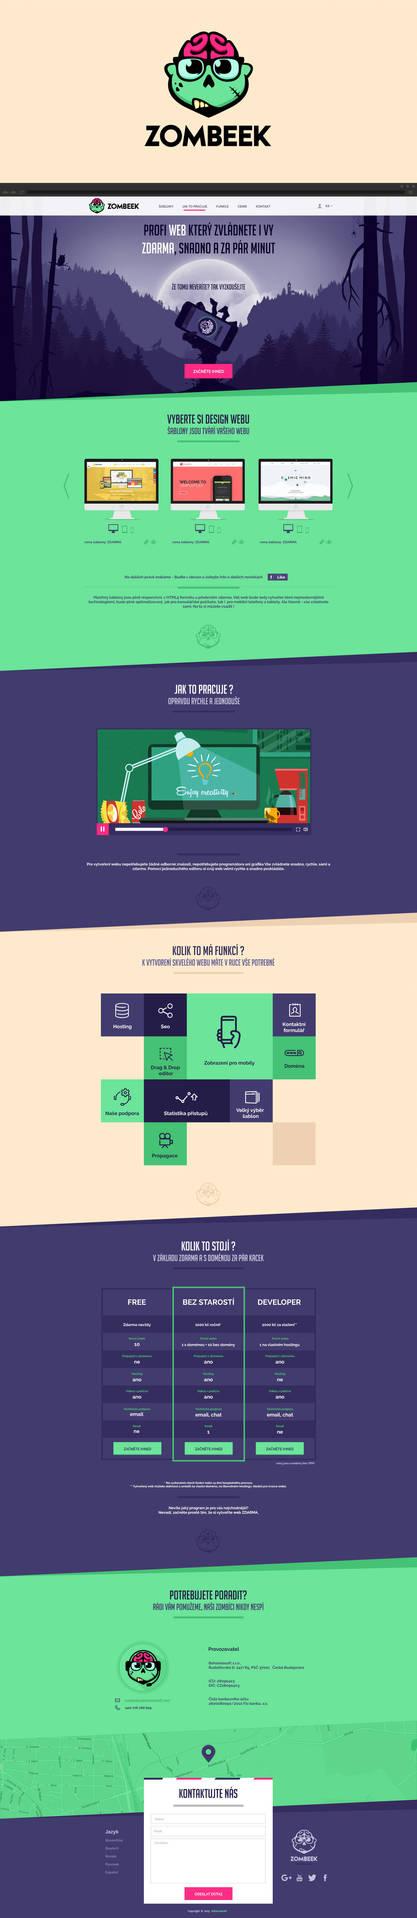 Zombeek Webdesign by Navvrat